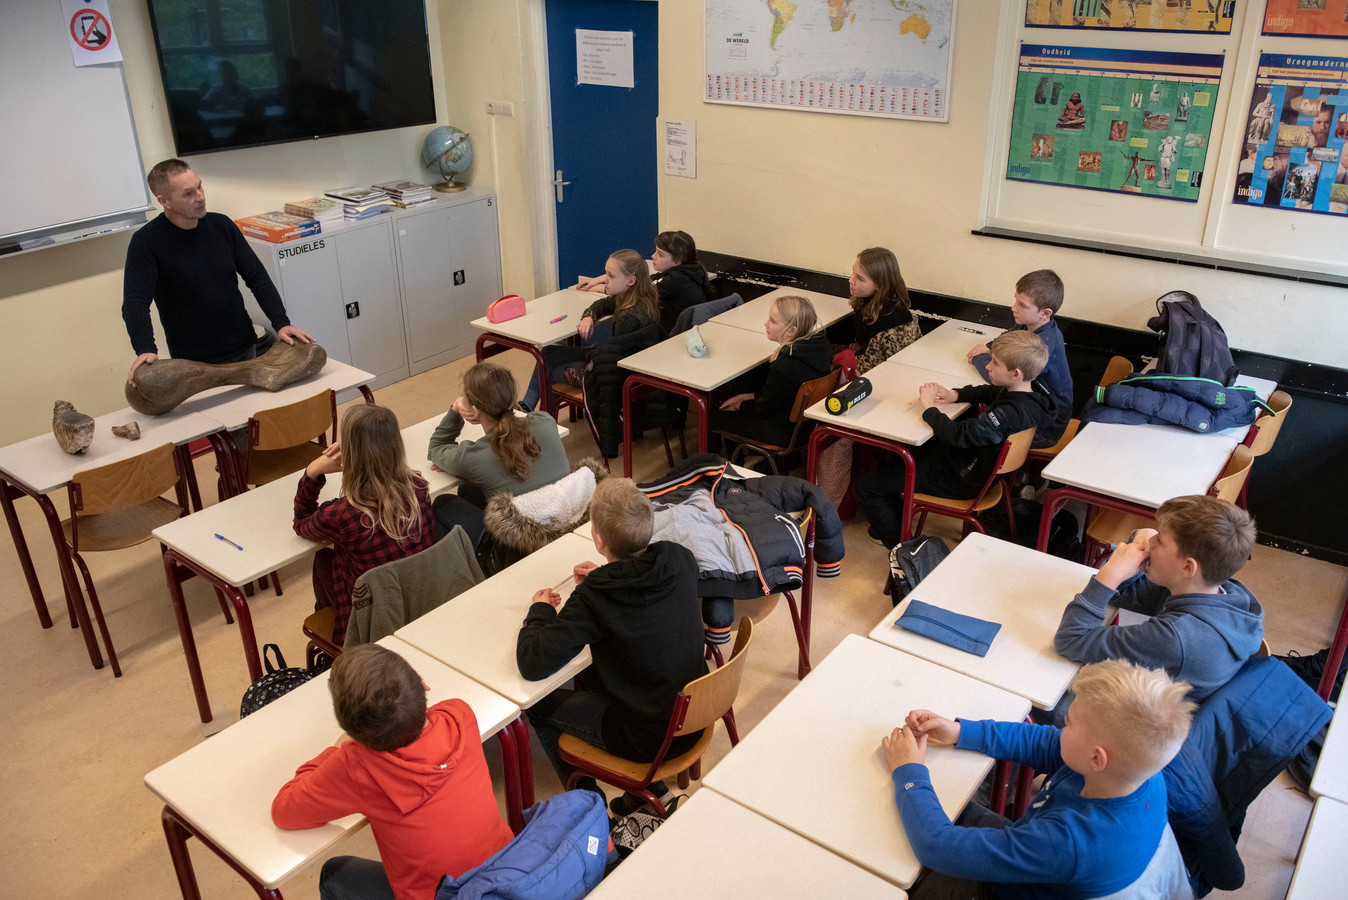 Vier Tilburgse basisscholen gaan extra aandacht geven aan kinderen van ouders in de daklozenopvang.